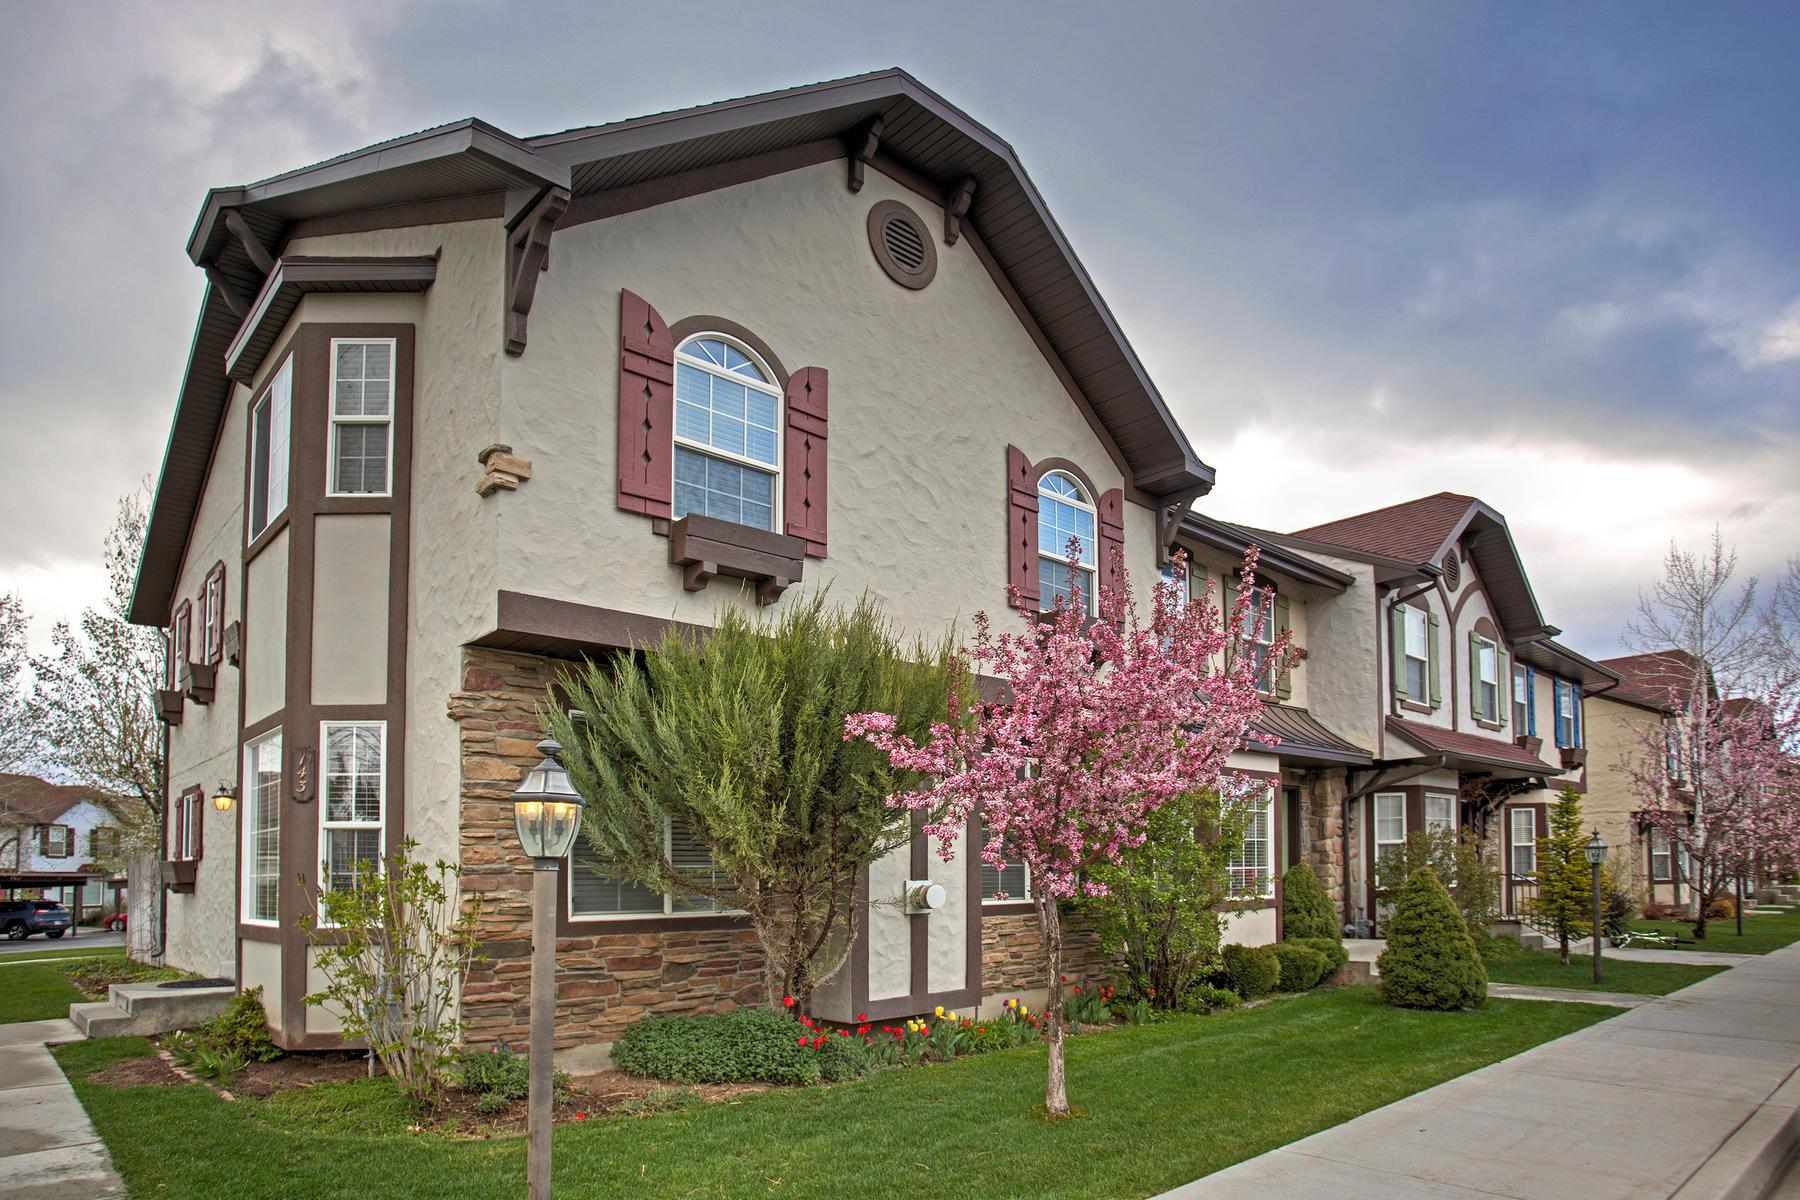 Casa unifamiliar adosada (Townhouse) por un Venta en Beautiful Townhome in Midway 143 S Geneva Dr Midway, Utah, 84049 Estados Unidos